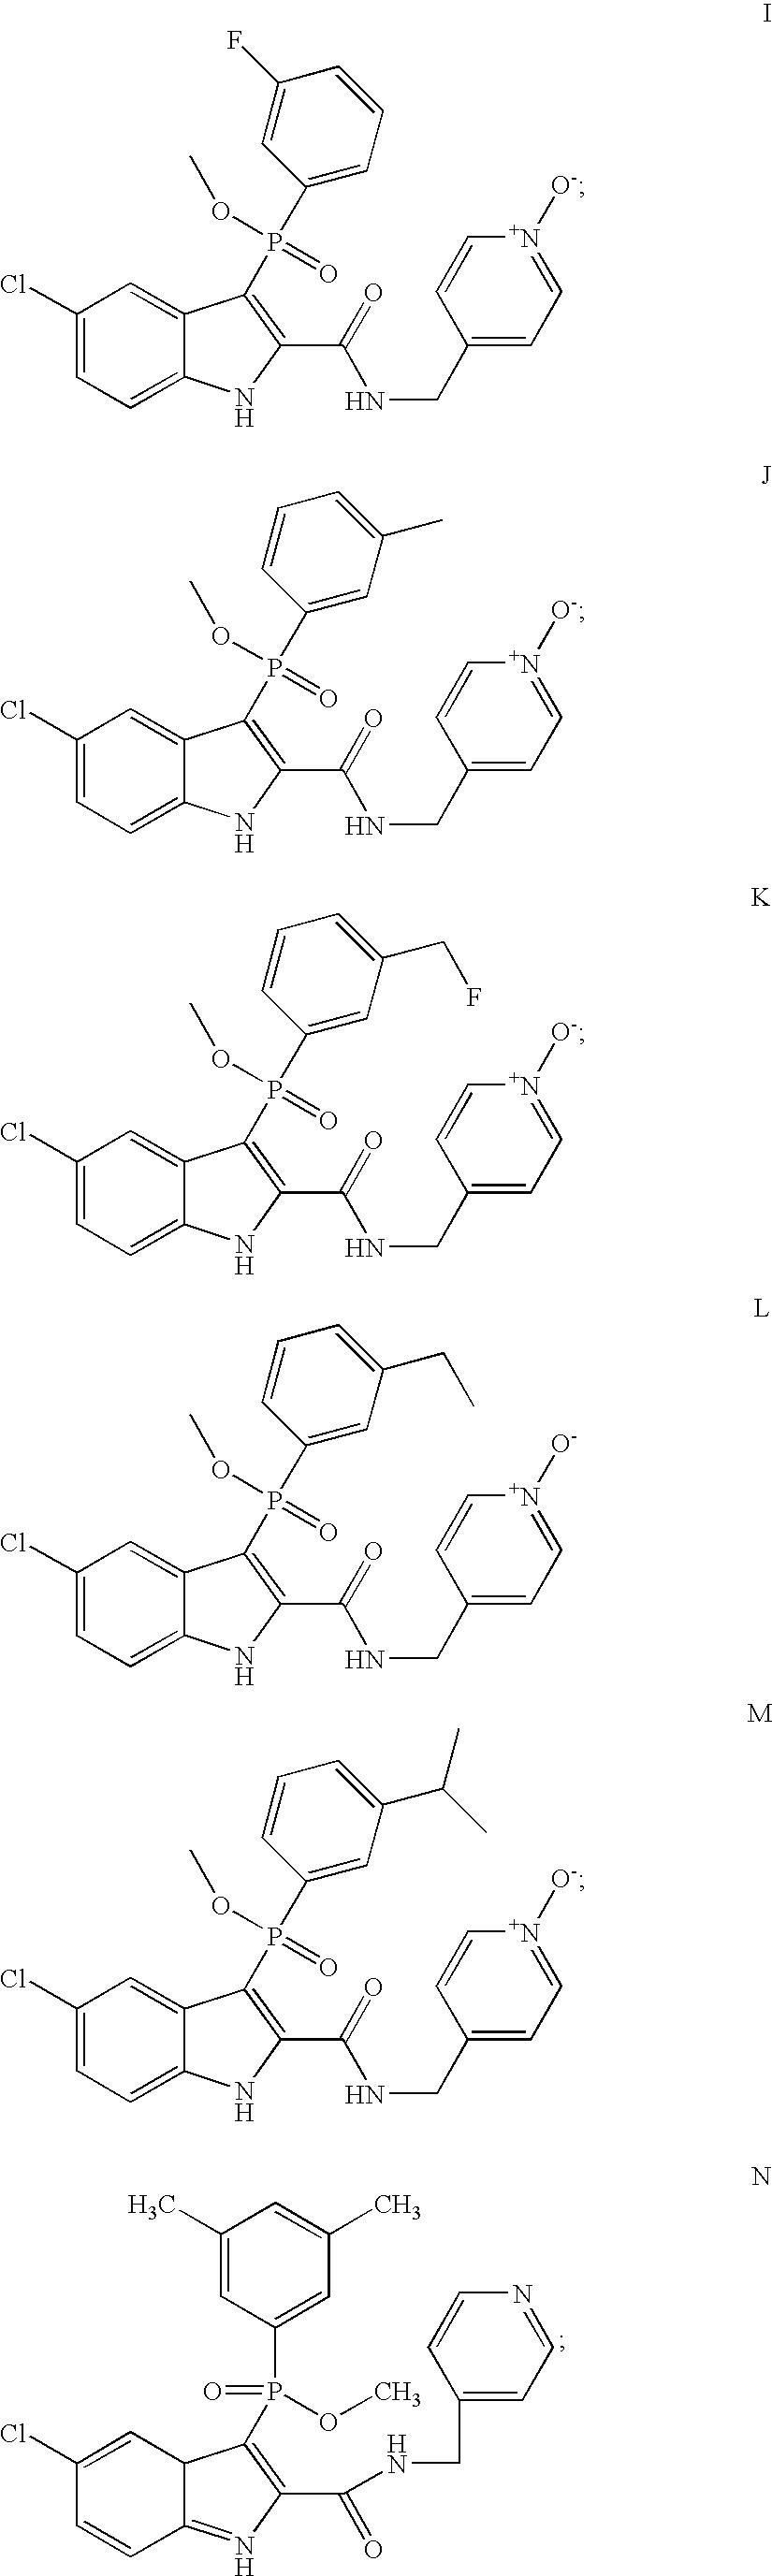 Figure US20060074054A1-20060406-C00010